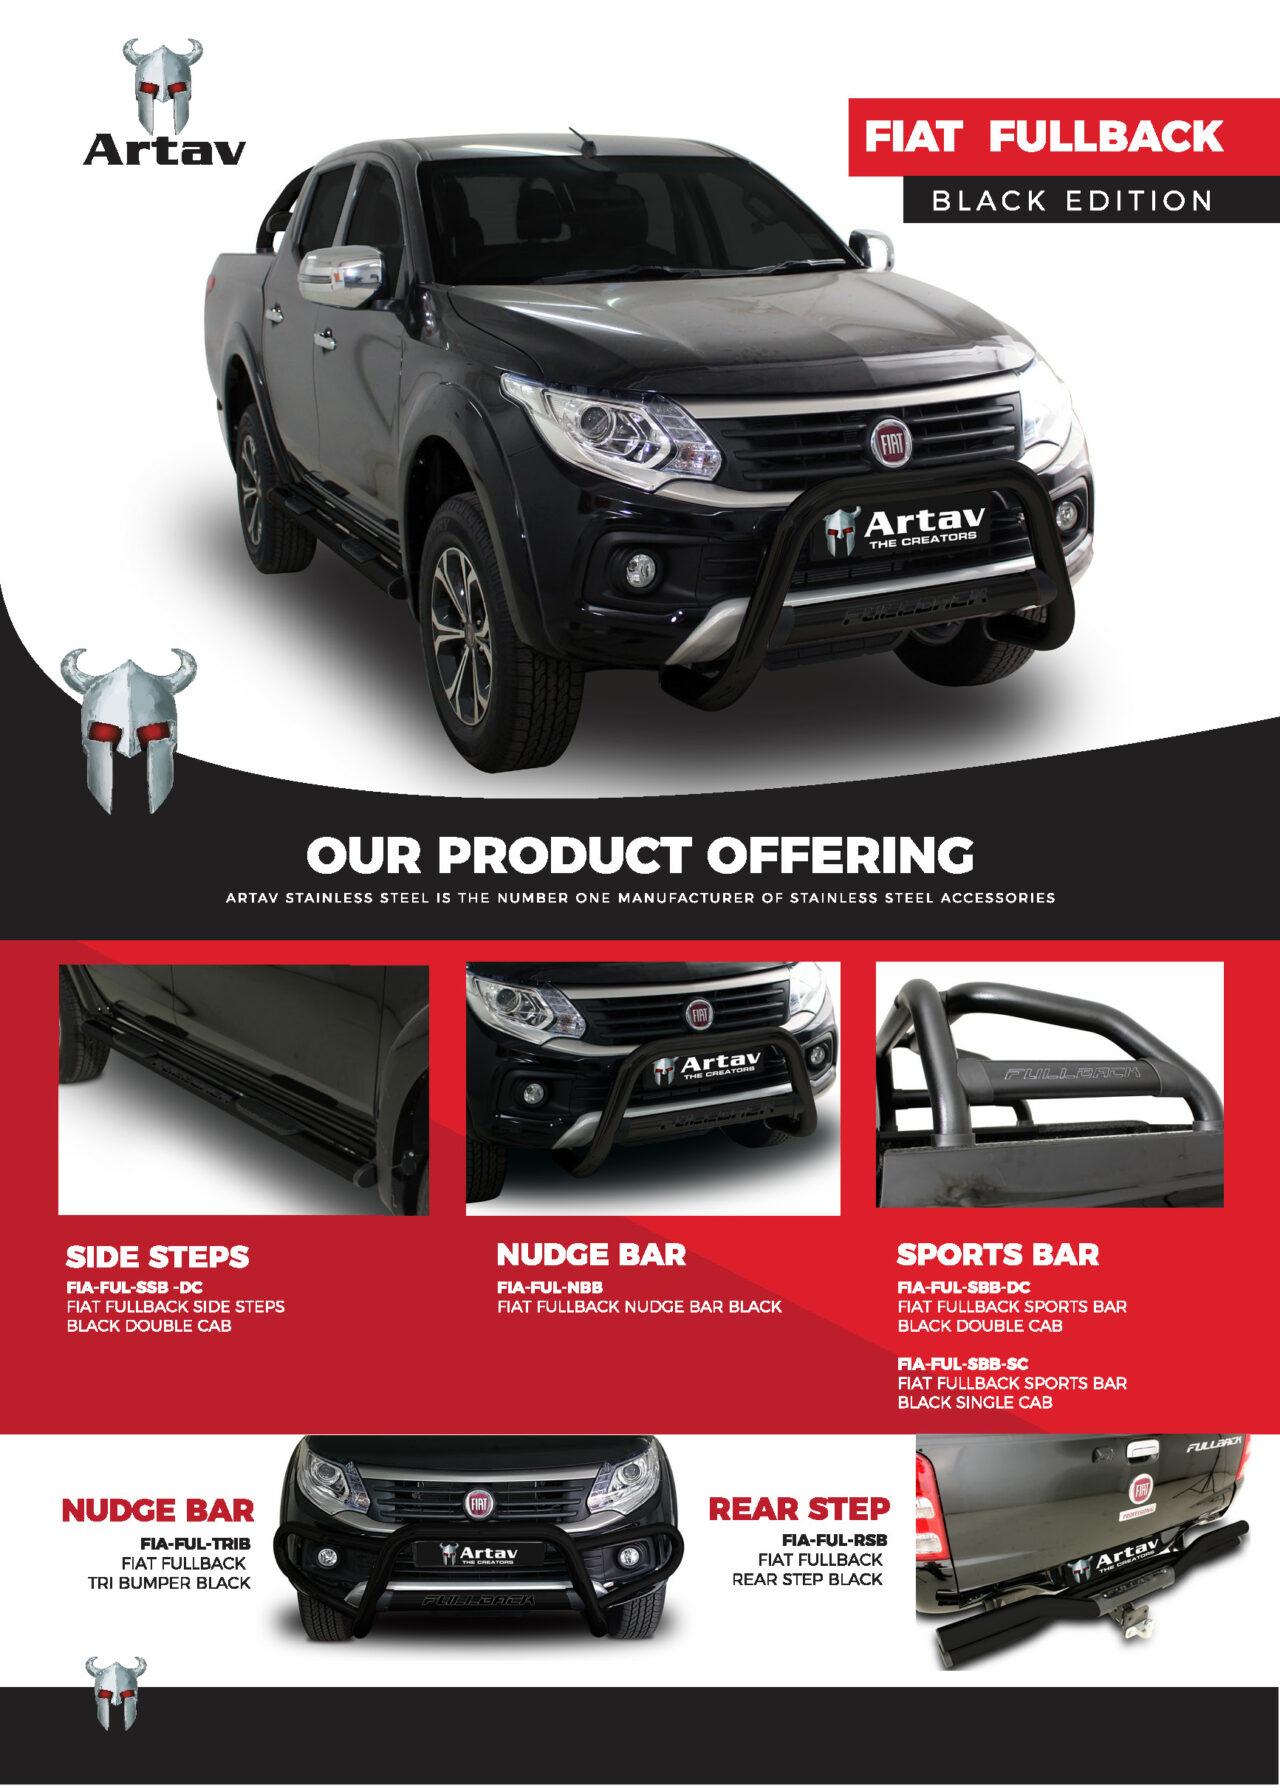 Artav Stainless Steel ARTAV Fiat Fullback Black Stainless Brochure